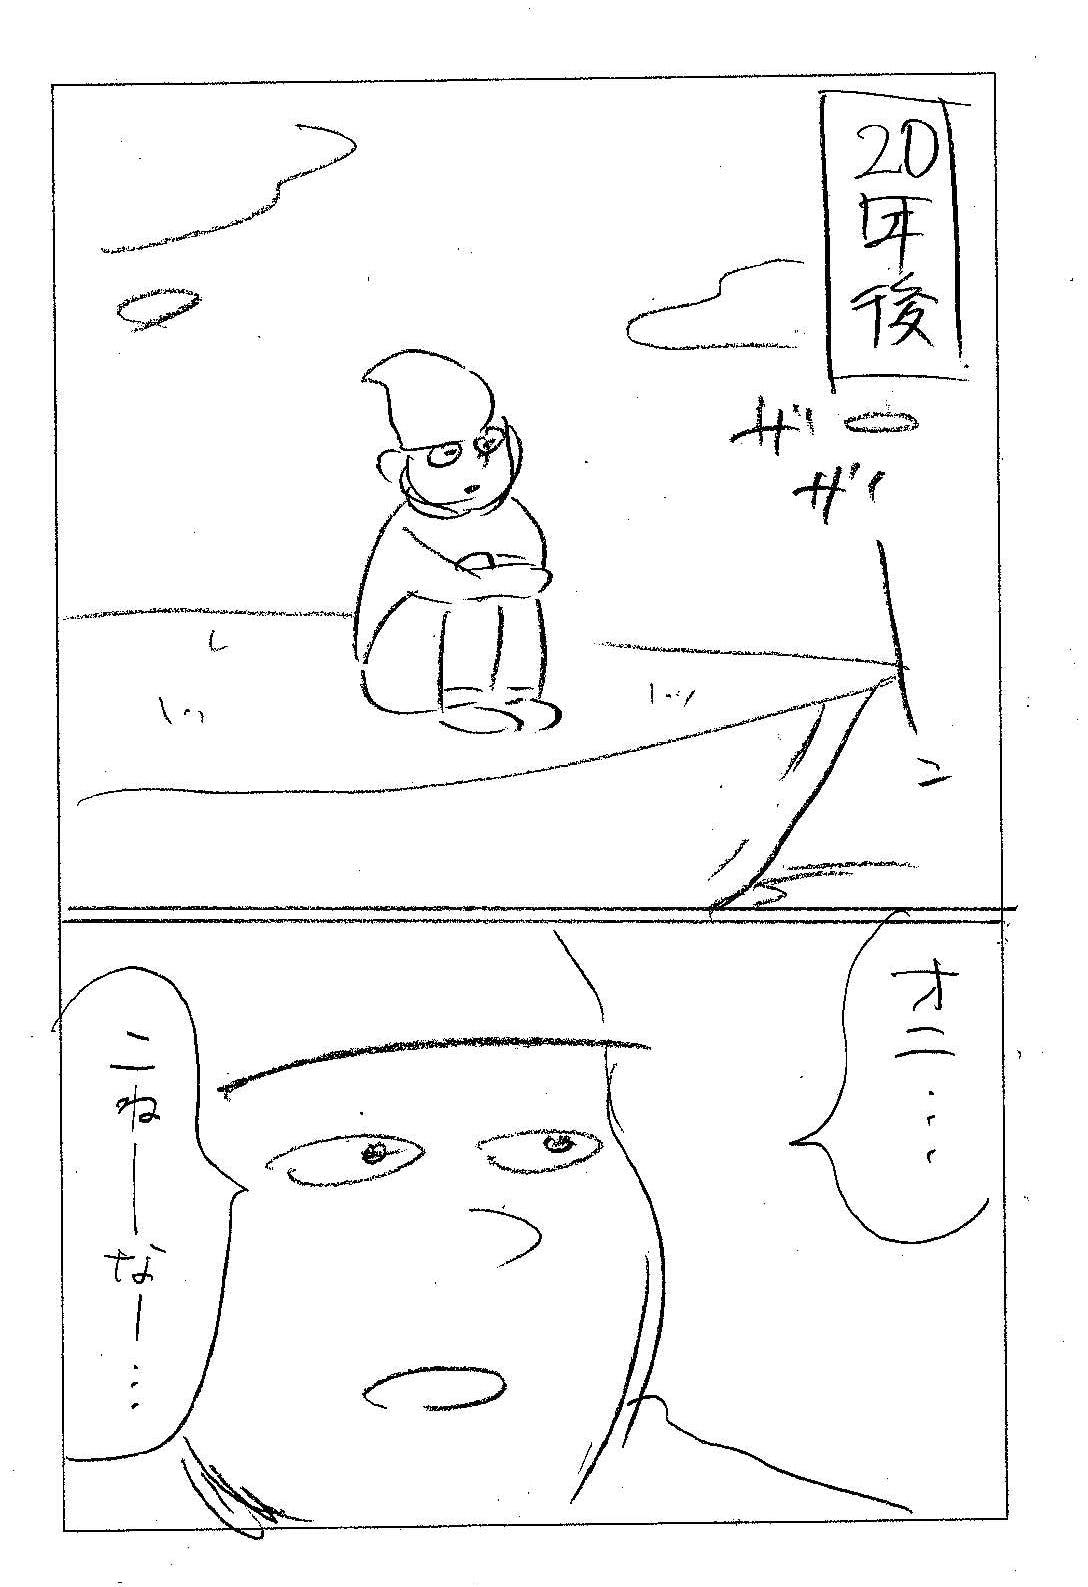 漂流くんネーム ページ 03